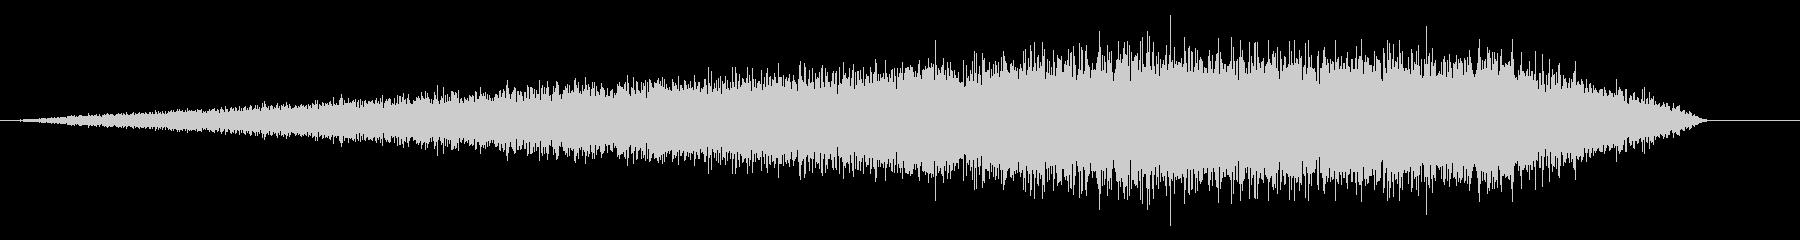 シューン(ホワイトノイズ/ミサイル/滑走の未再生の波形